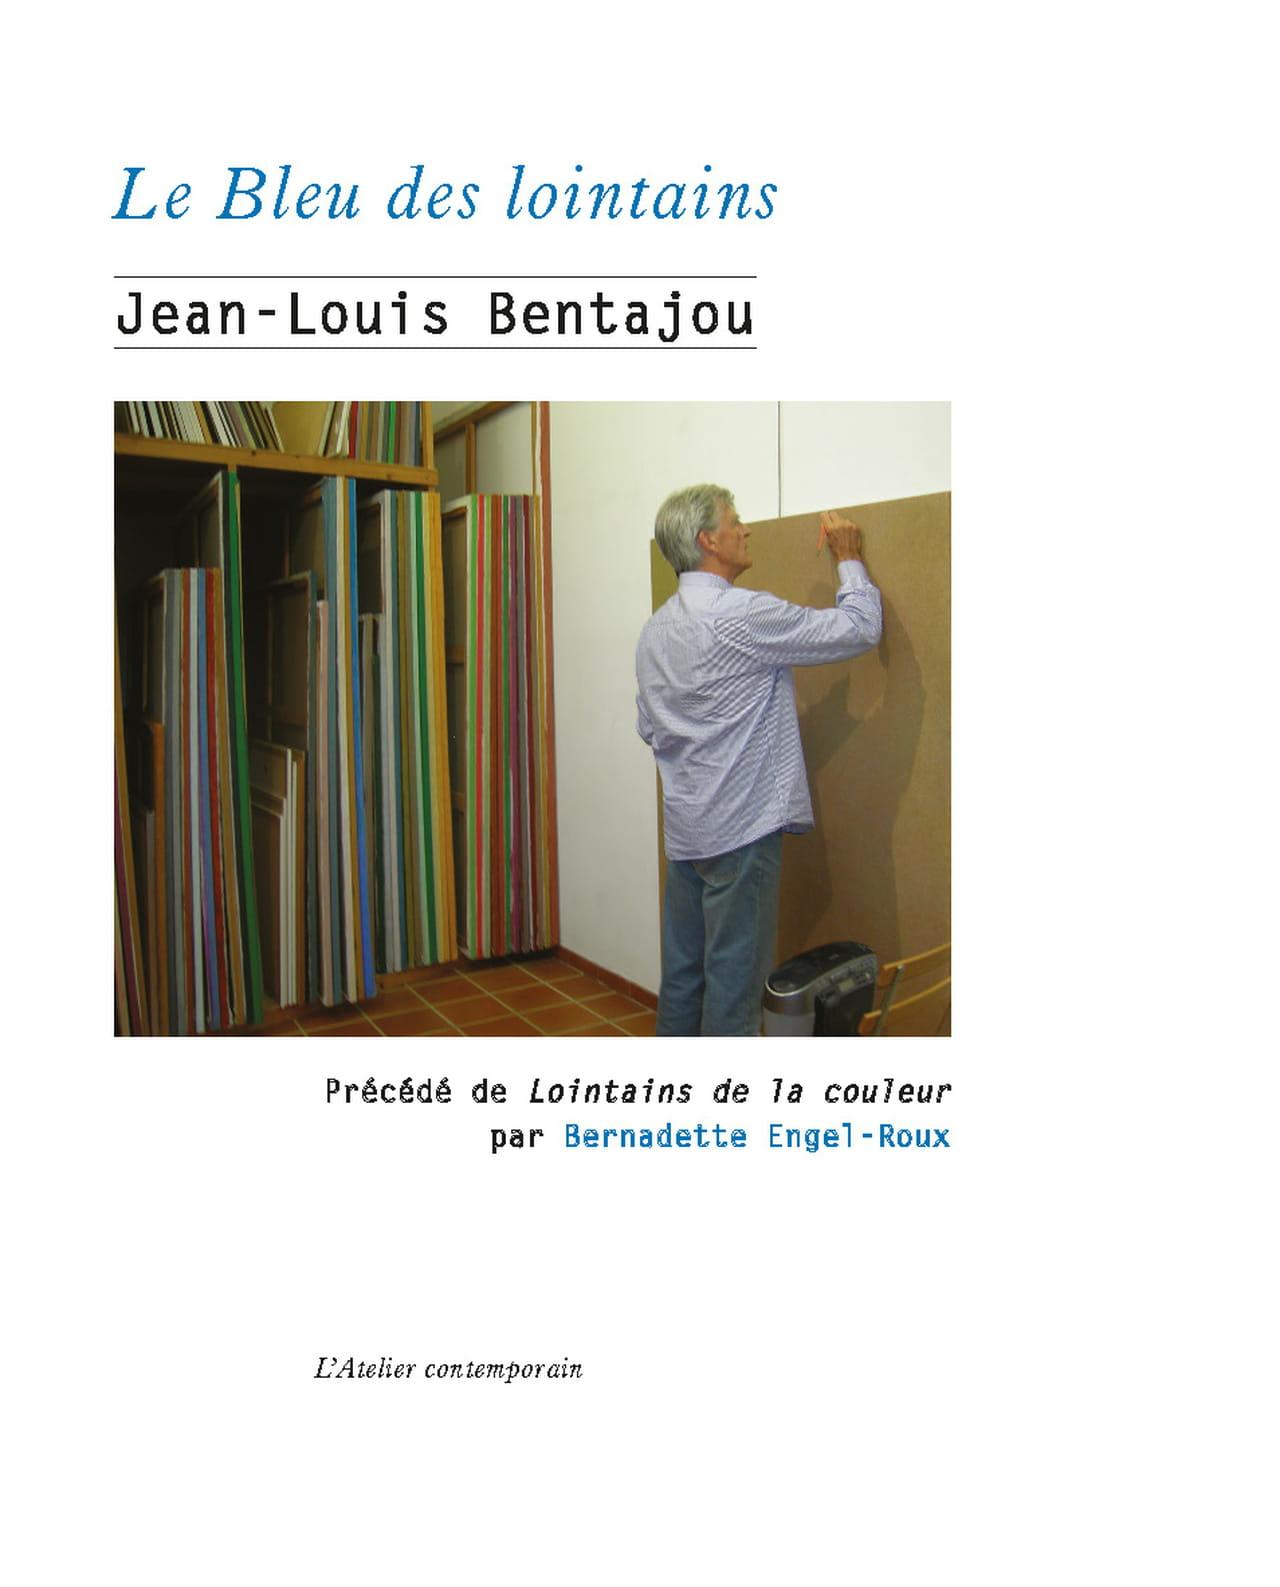 De Poétiqueamp; Lointaine Jean Bentajou La Louis Peinture y7gf6b